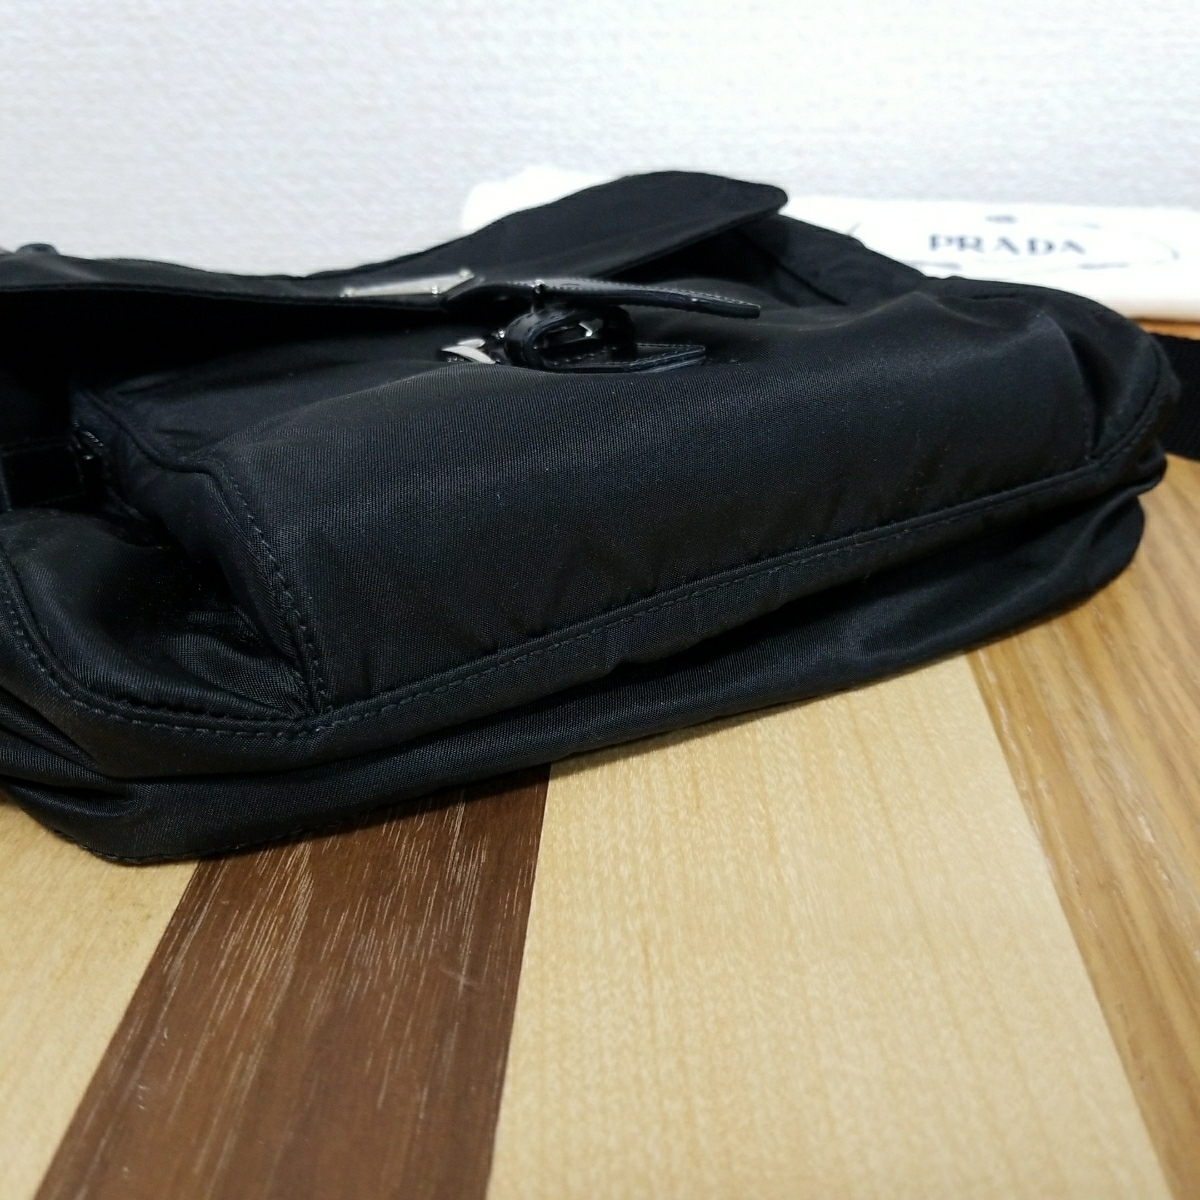 【正規品】新品 PRADA プラダ ショルダーバッグ 保存袋・ギャランティカード付 気持ち良く使って頂けます_画像6